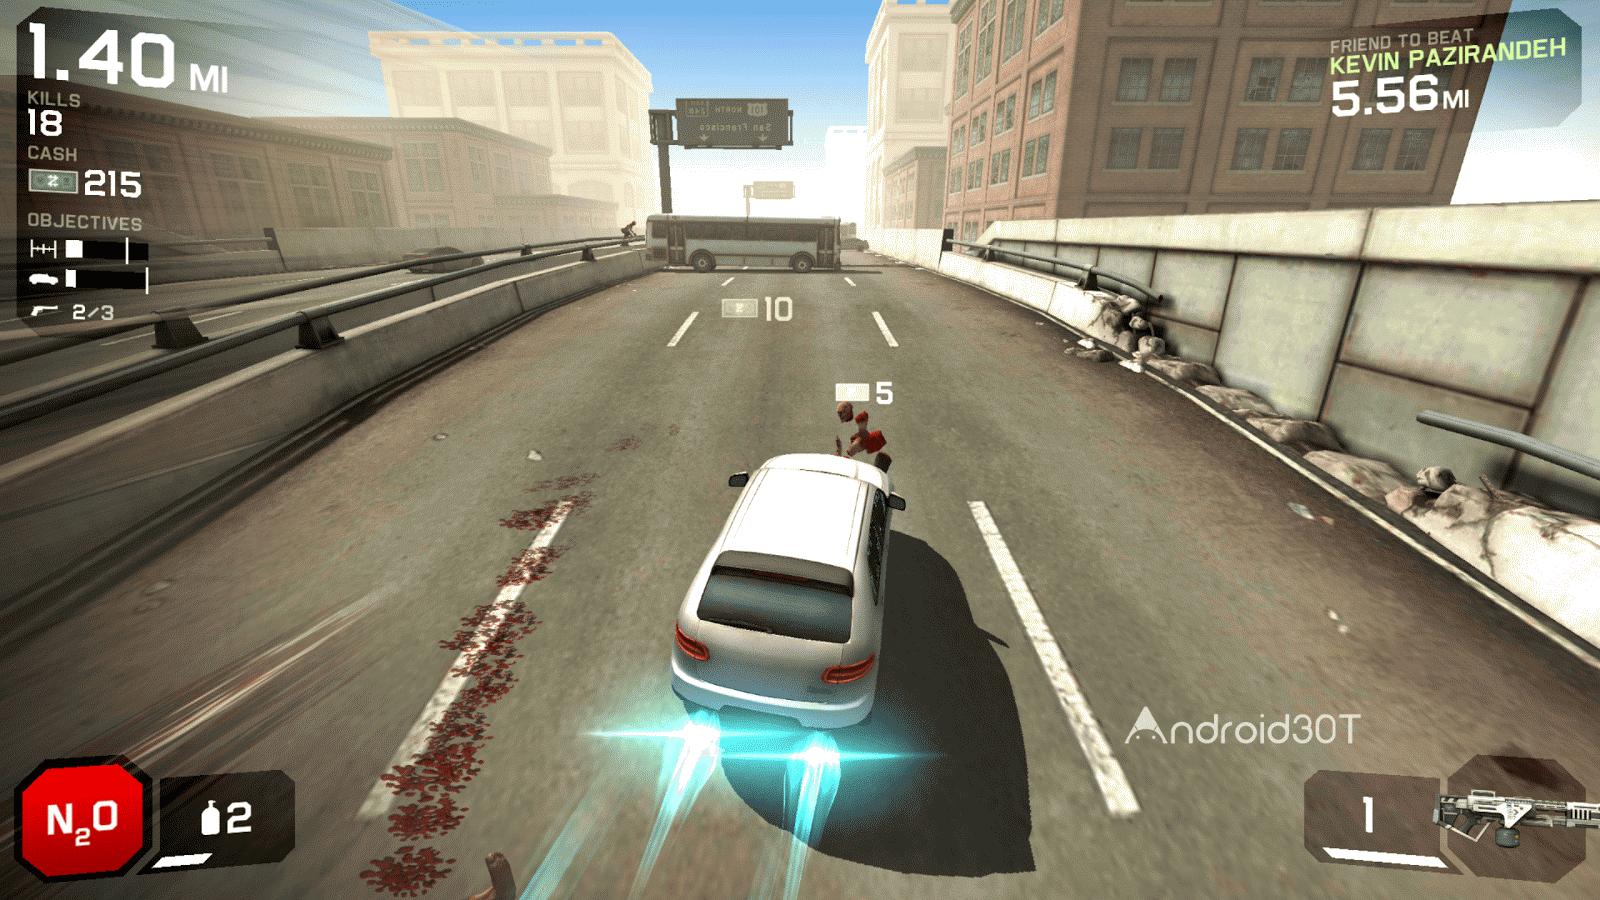 Zombie Highway 2 v1.4.3 – دانلود بازی بزرگراه زامبی 2 اندروید